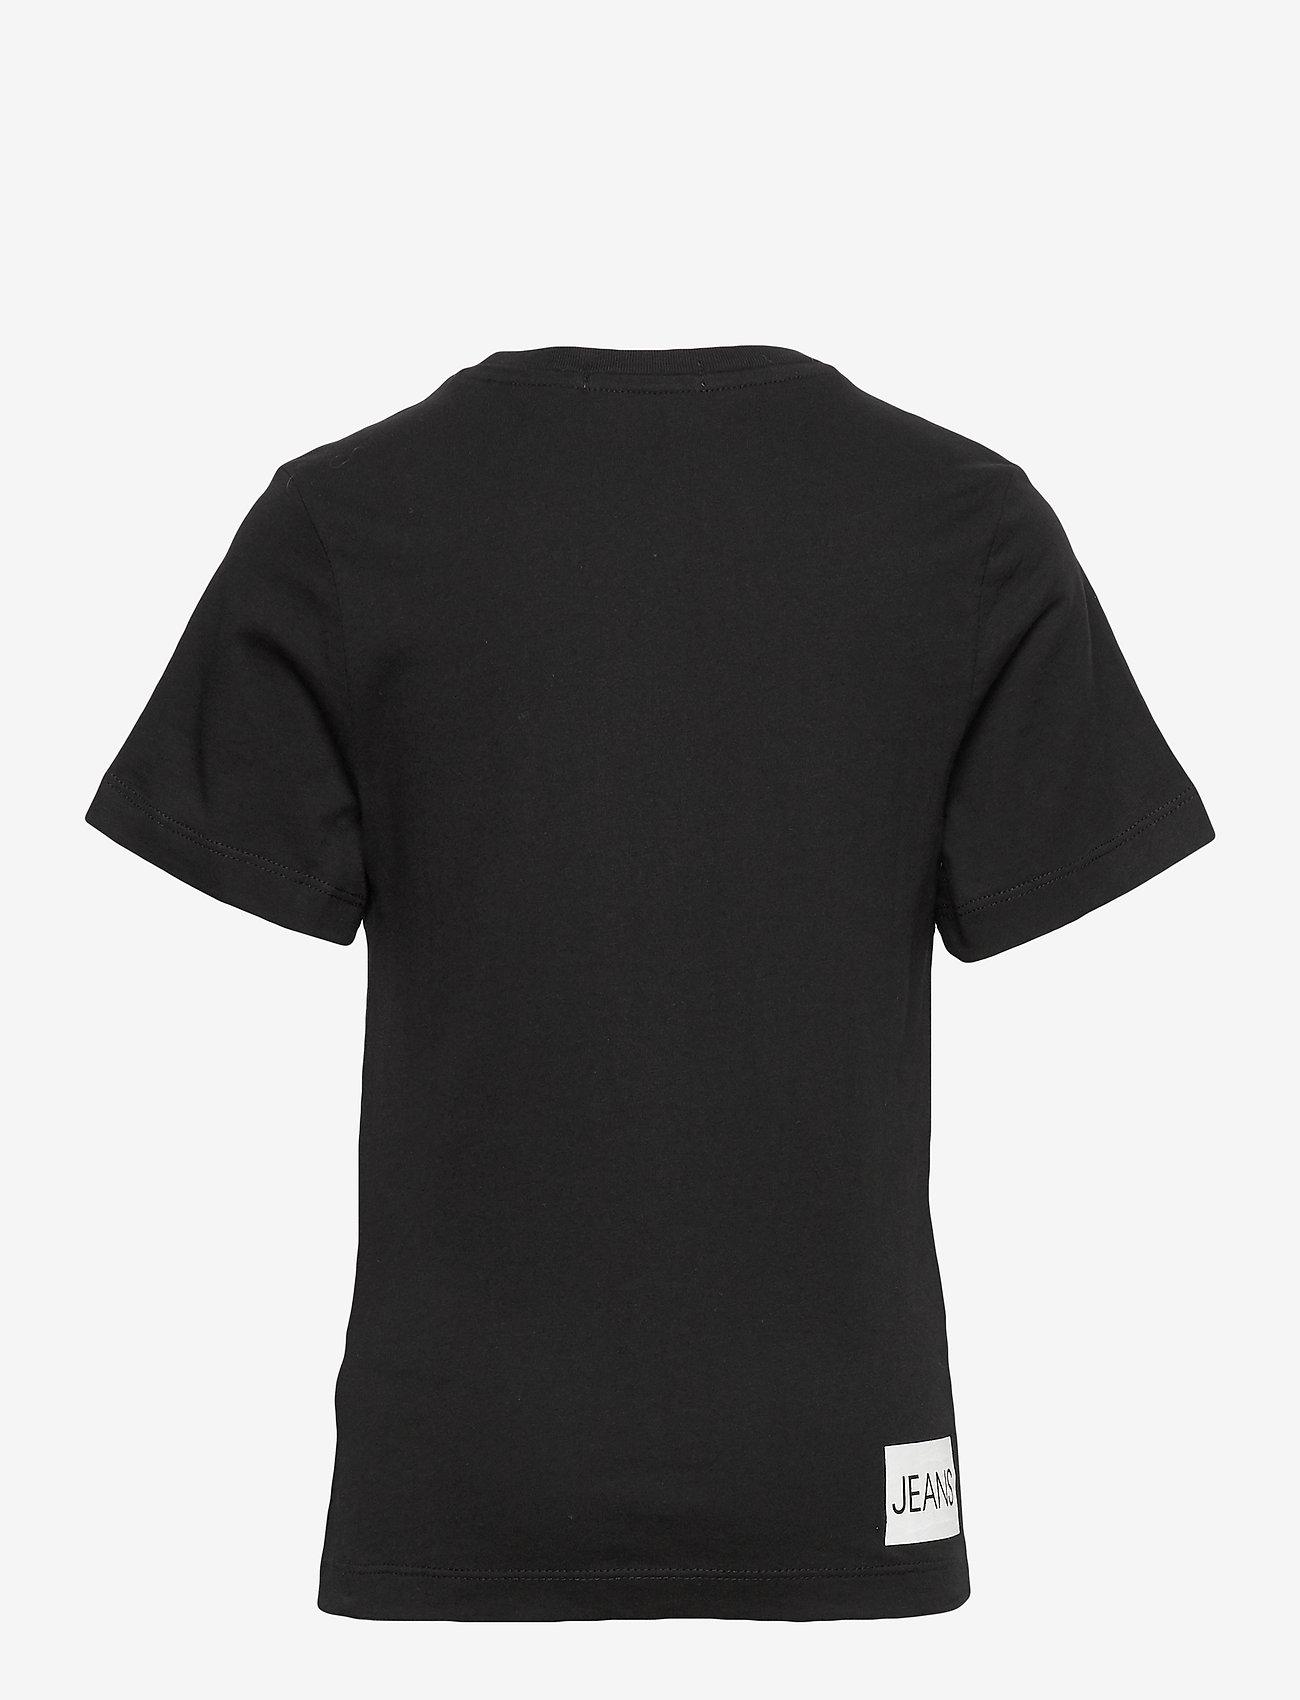 Calvin Klein - INSTITUTIONAL SS T-SHIRT - t-shirts - ck black - 1